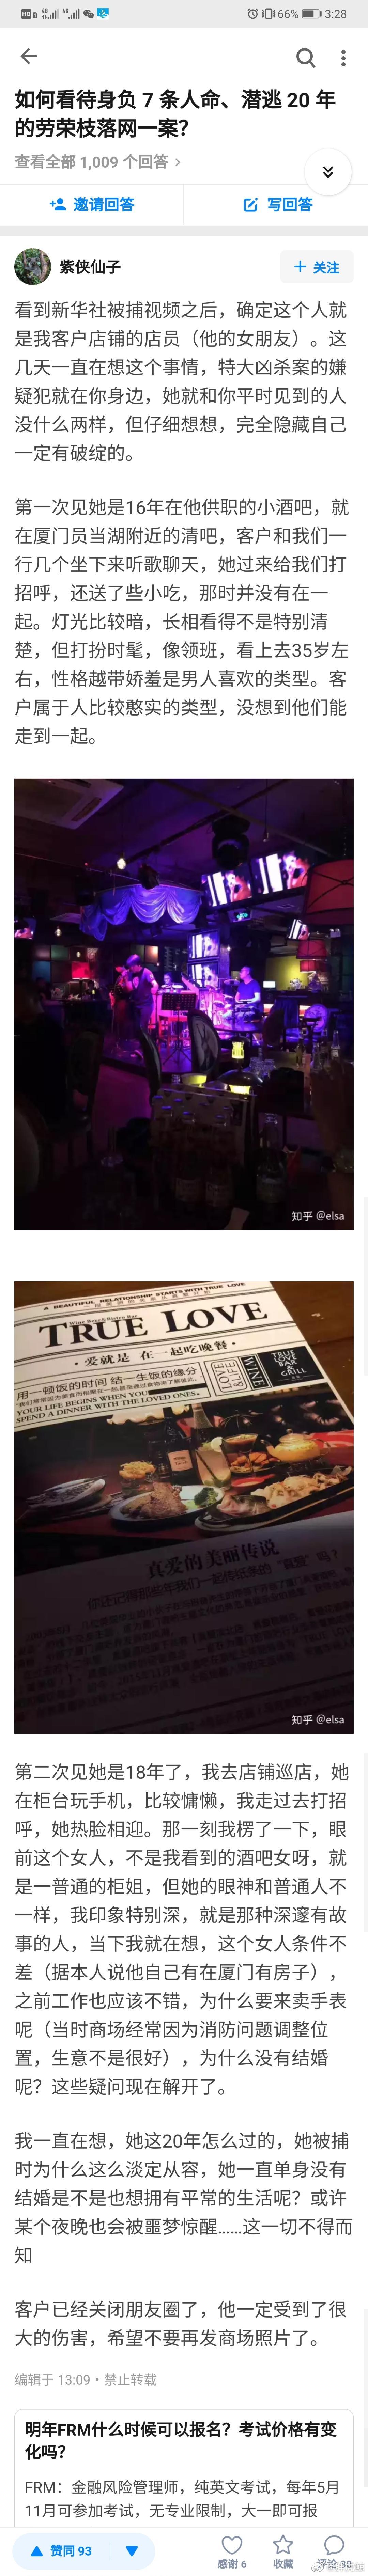 他说他睡过这个连环杀人犯劳荣枝,你信吗? liuliushe.net六六社 第3张